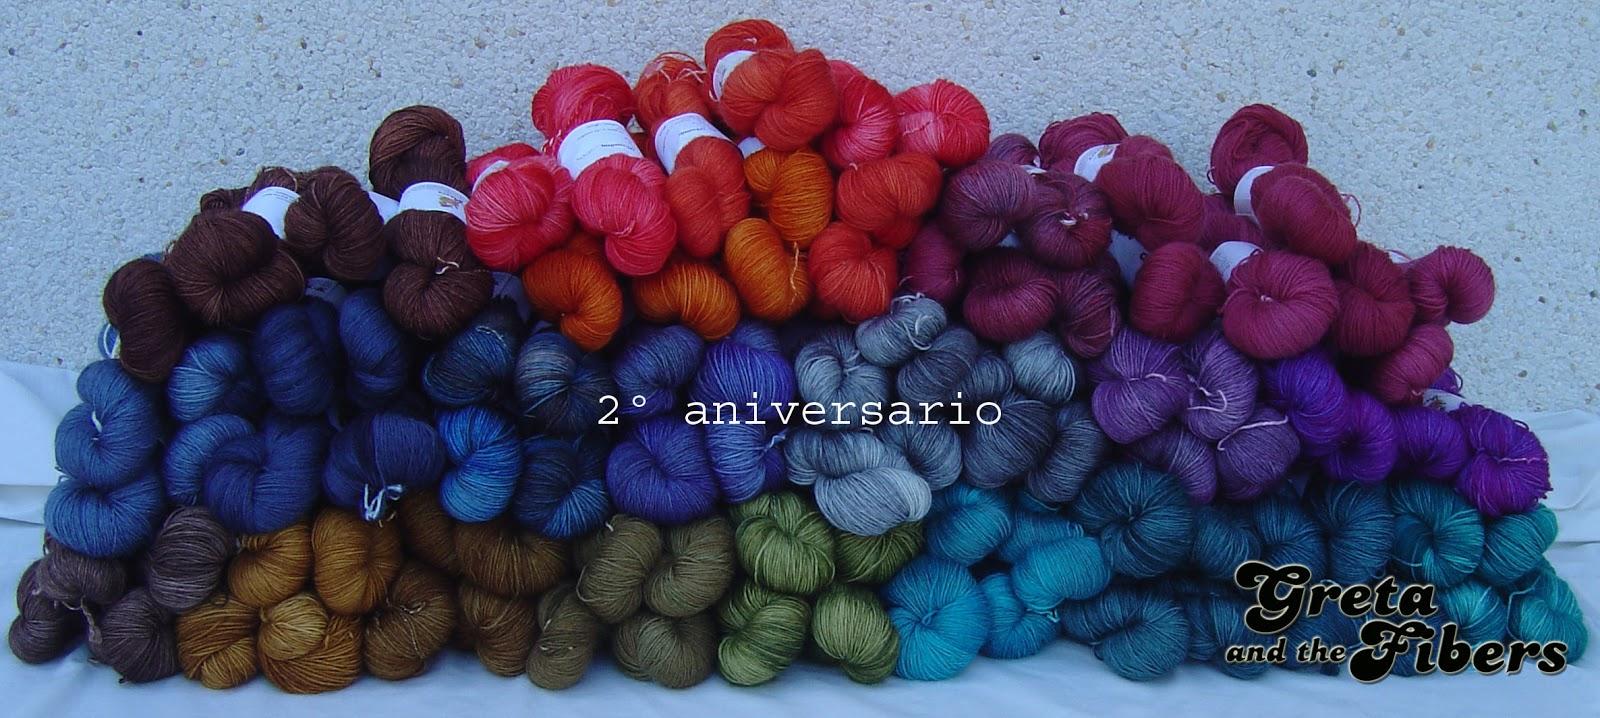 https://i0.wp.com/3.bp.blogspot.com/-2gDoLZ5zVNA/ULy5_xh4veI/AAAAAAAACCU/uneUPJfMpxA/s1600/socks+premiumma+aniversario.jpg